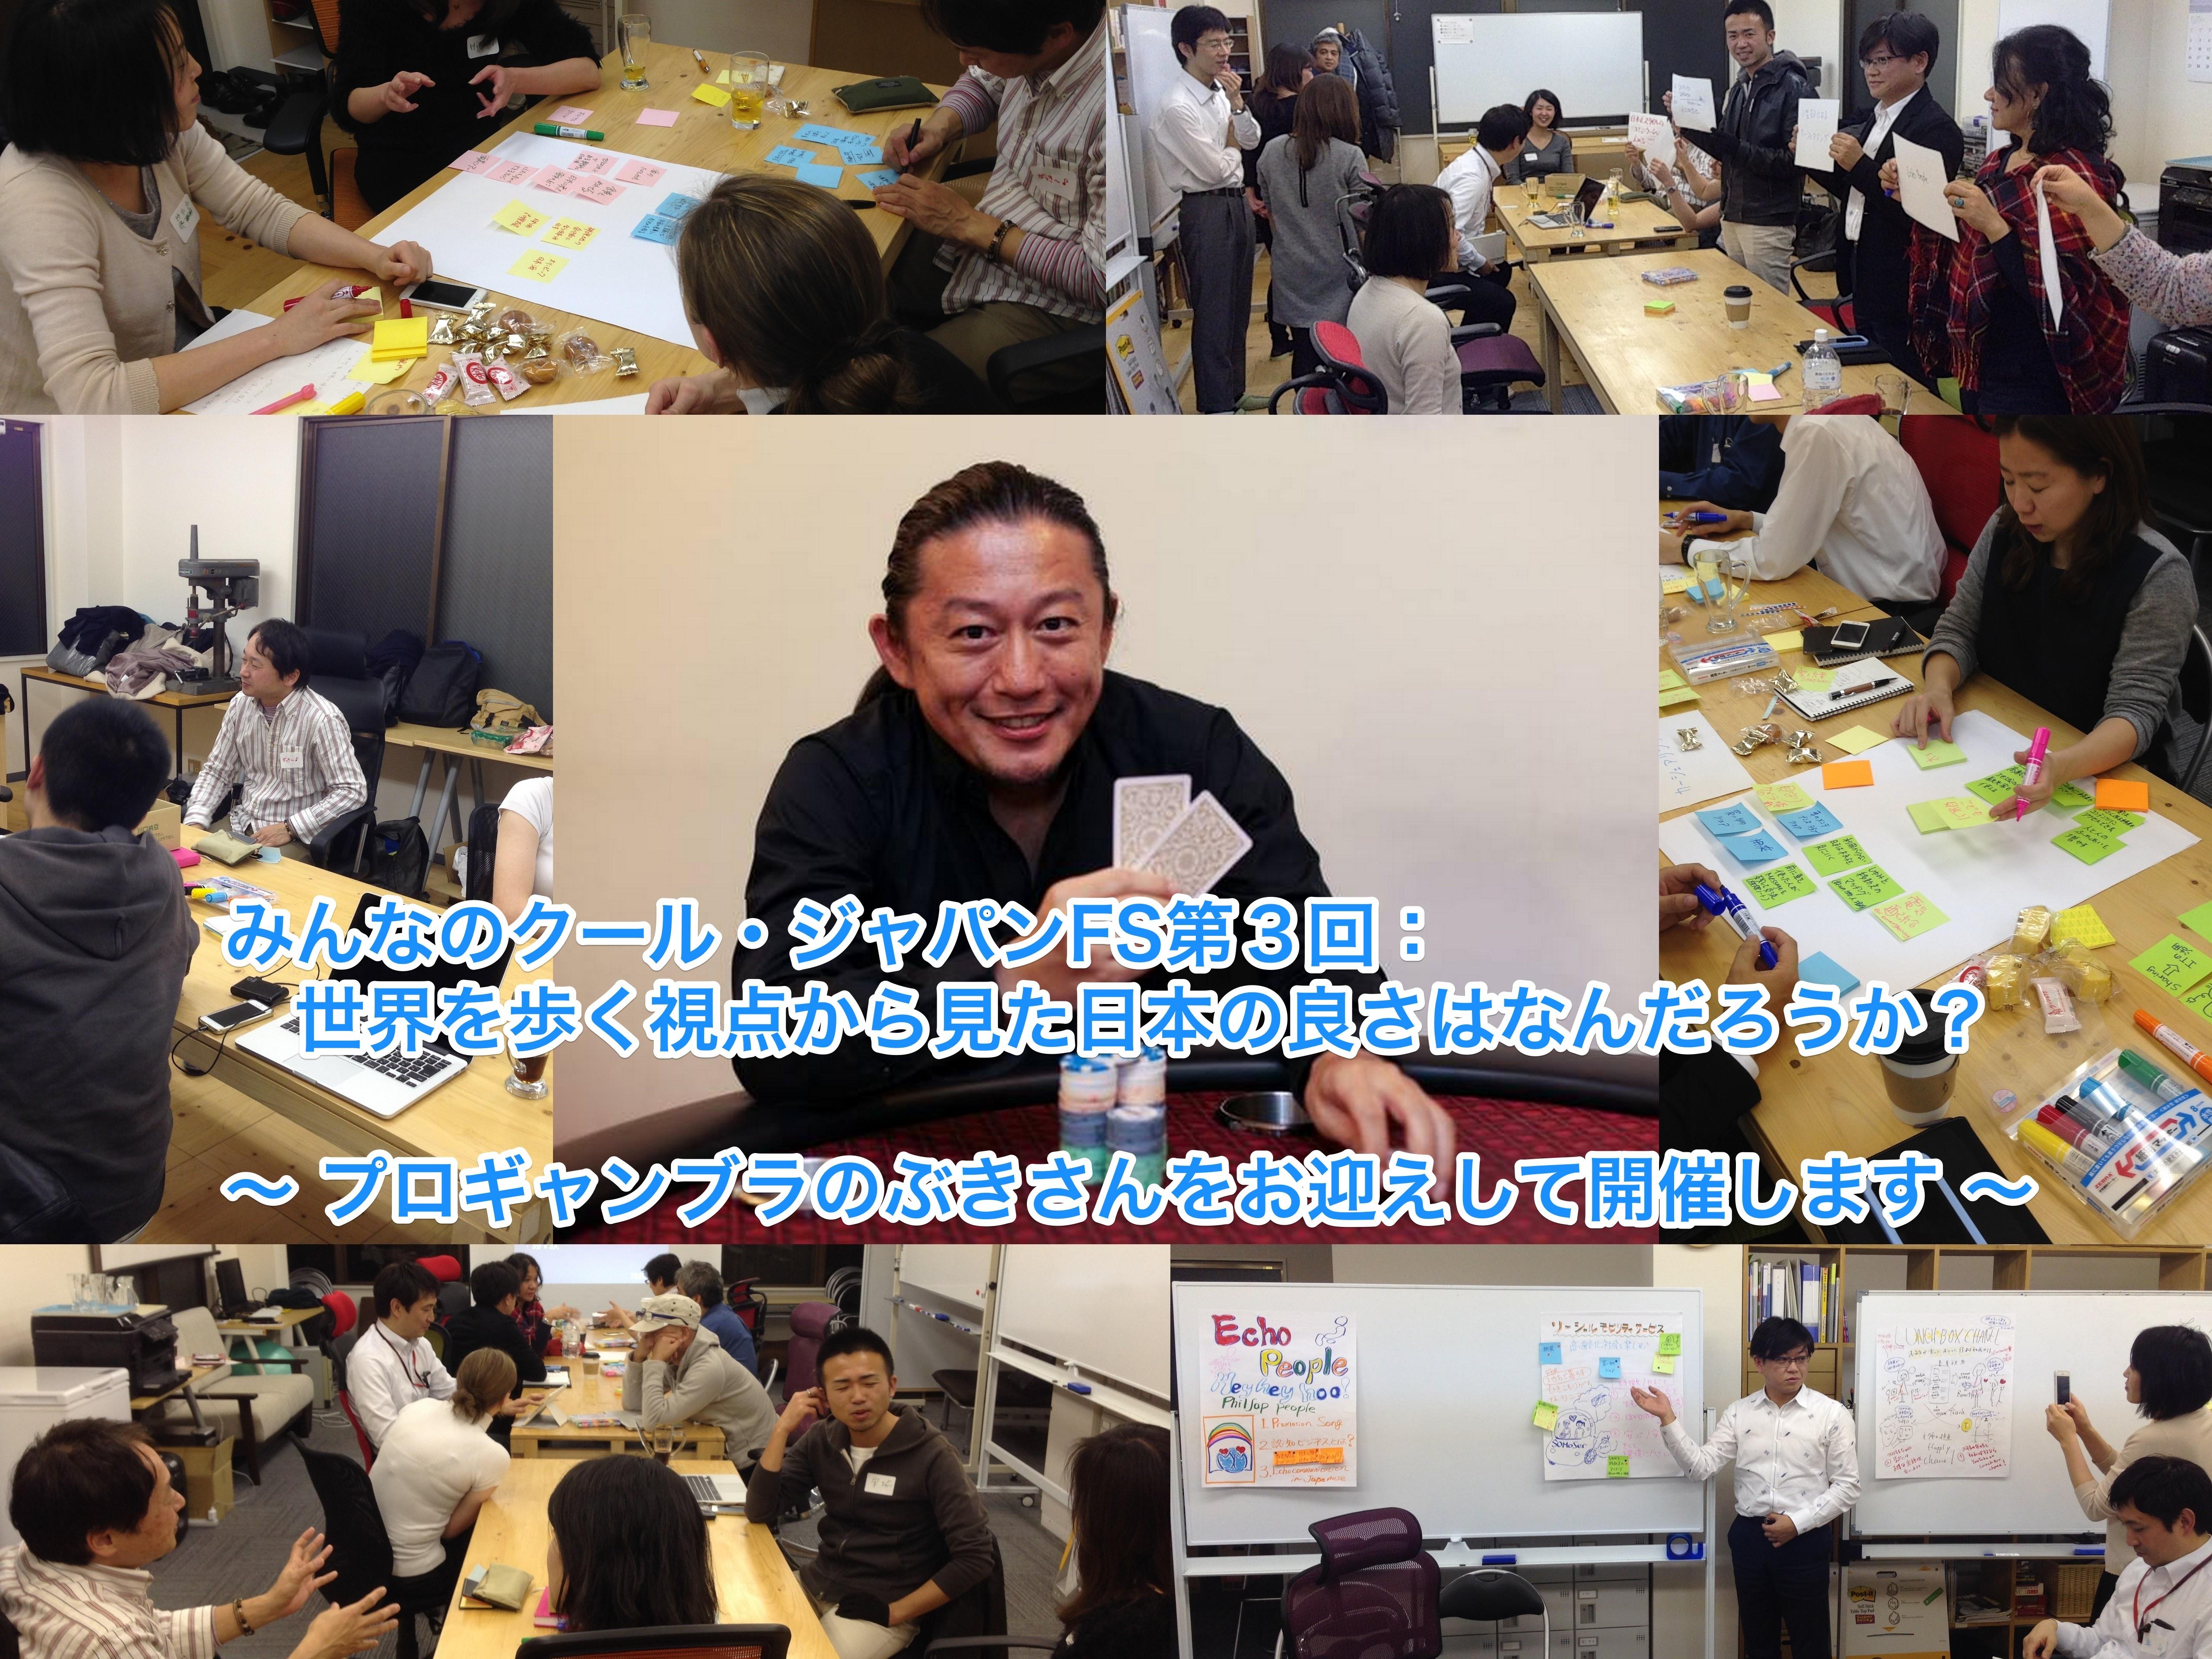 みんなのクール・ジャパンFS 第3回: 世界を歩く視点から見た日本の良さはなんだろうか? 〜プロギャンブラのぶきさんをお迎えして開催します〜